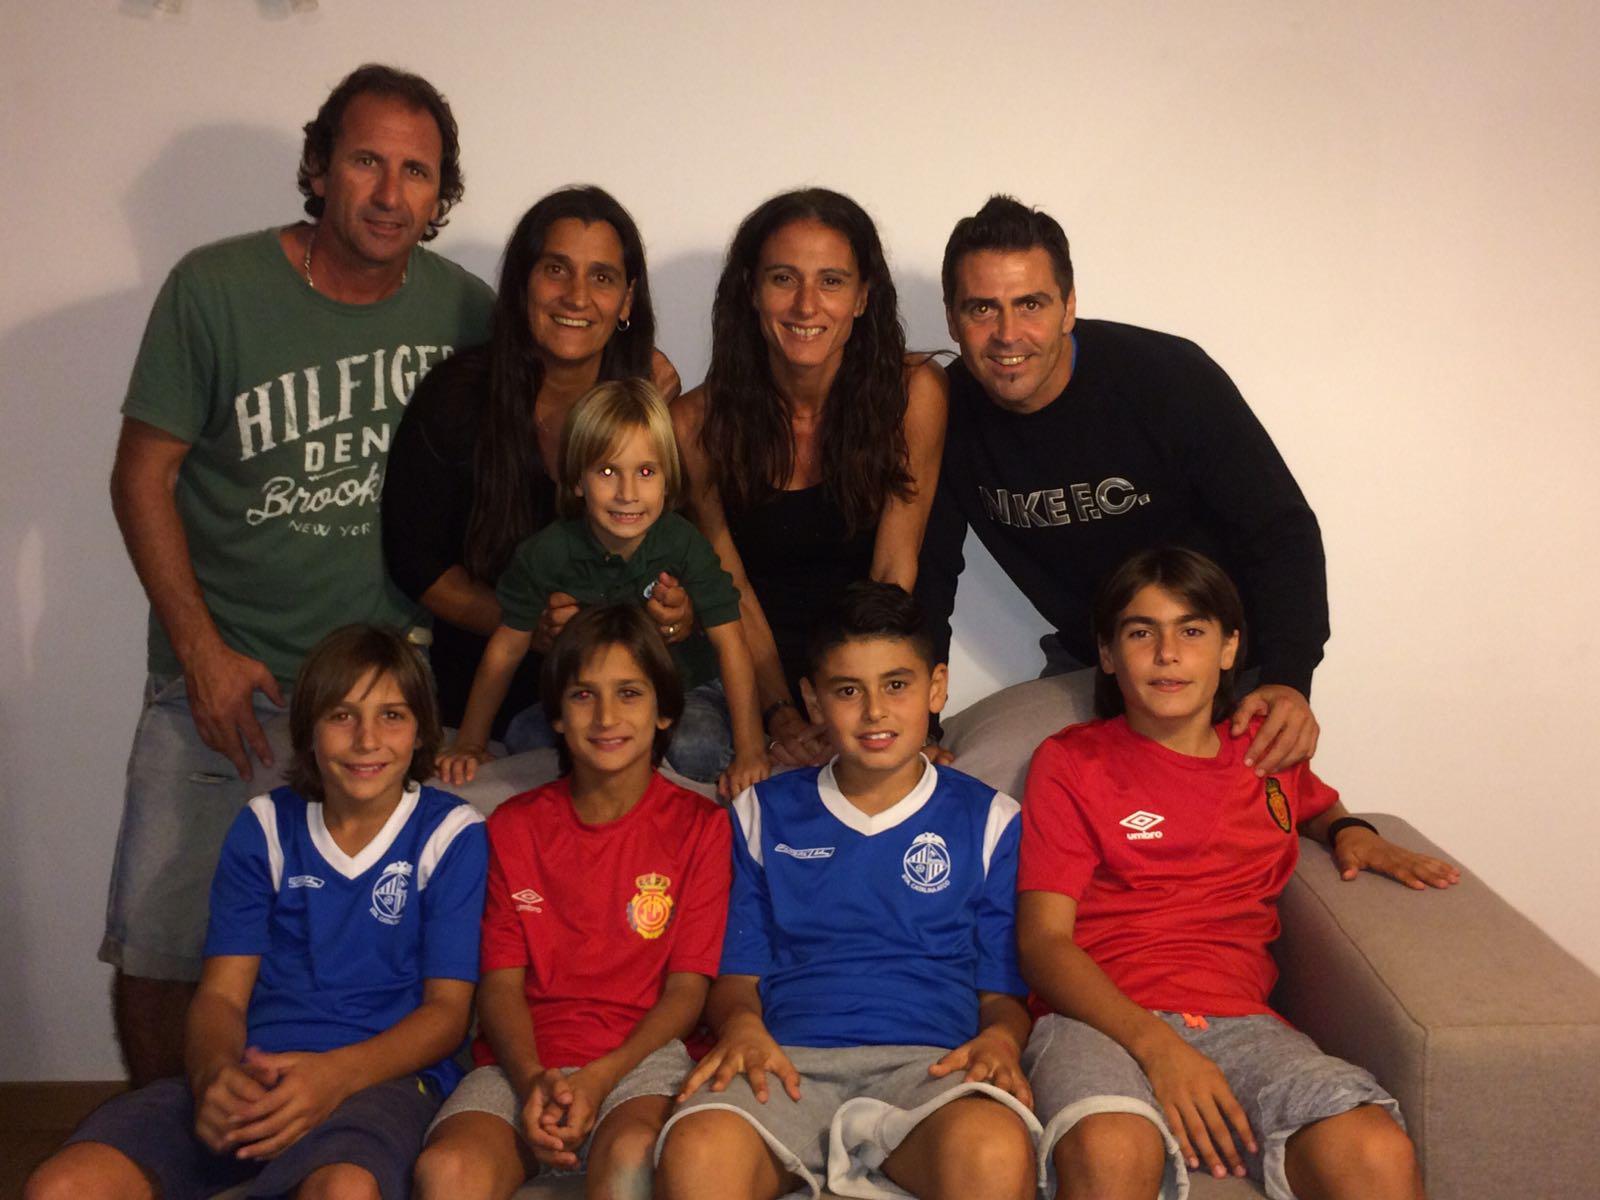 A las dos familias les une una gran relación de amistad y los cuatro chicos también están muy unidos (Foto: Fútbol Pitiuso).